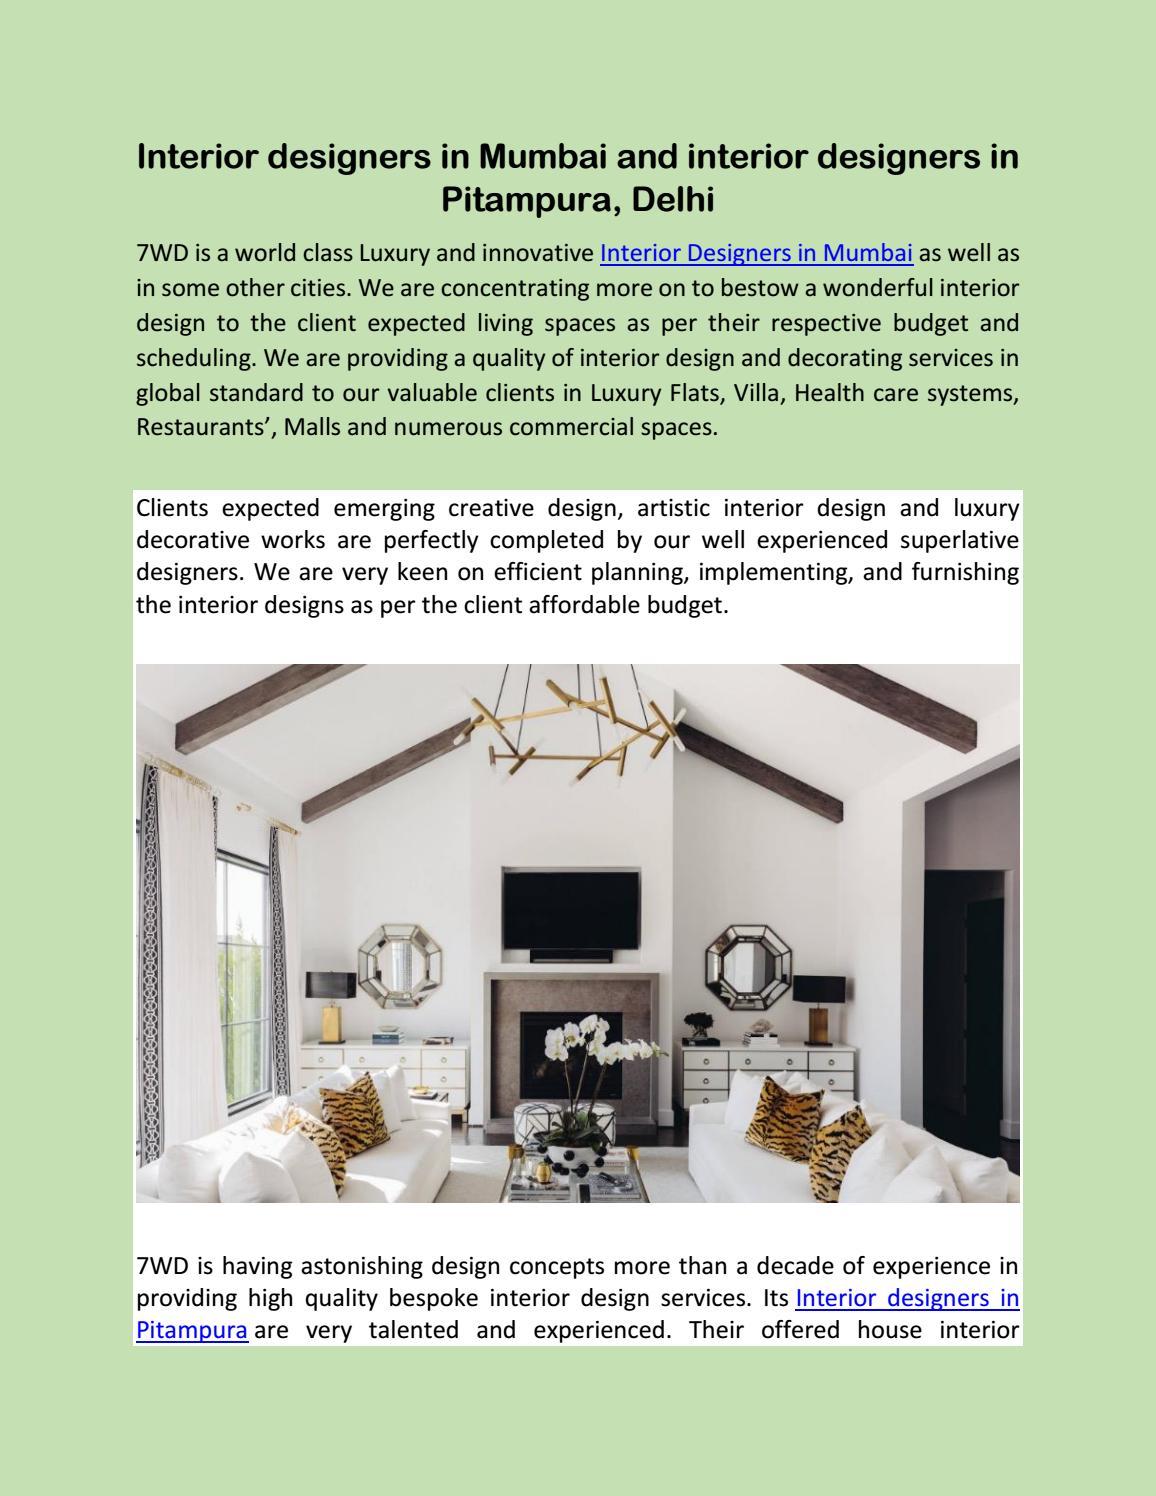 Interior Designers In Mumbai And Interior Designers In Pitampura Delhi By 7wd 7 Wonders Designing Institution Pvt Ltd Issuu